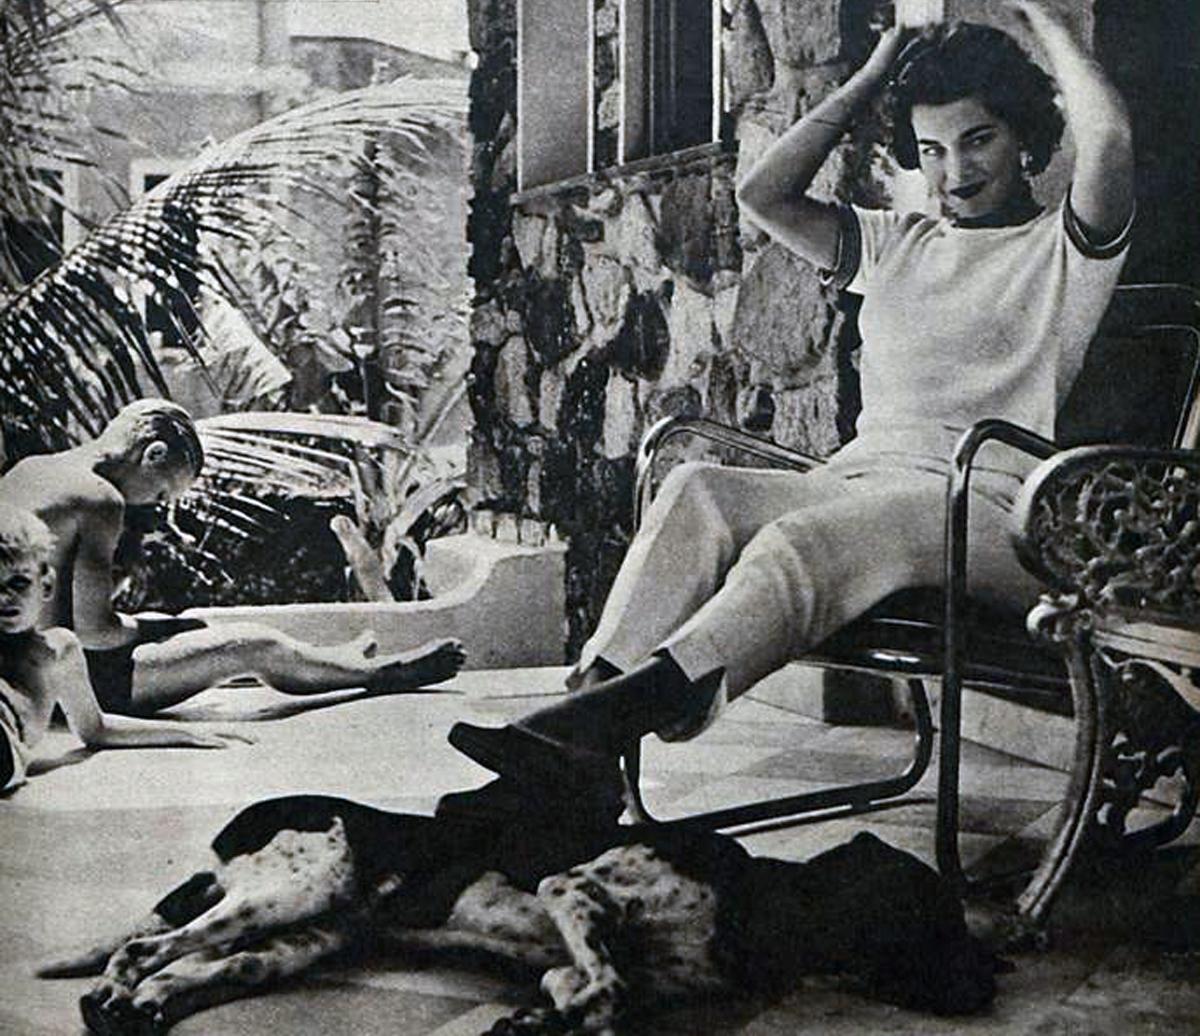 Martha em casa, no bairro da Barra, com seu cachorro Puppy